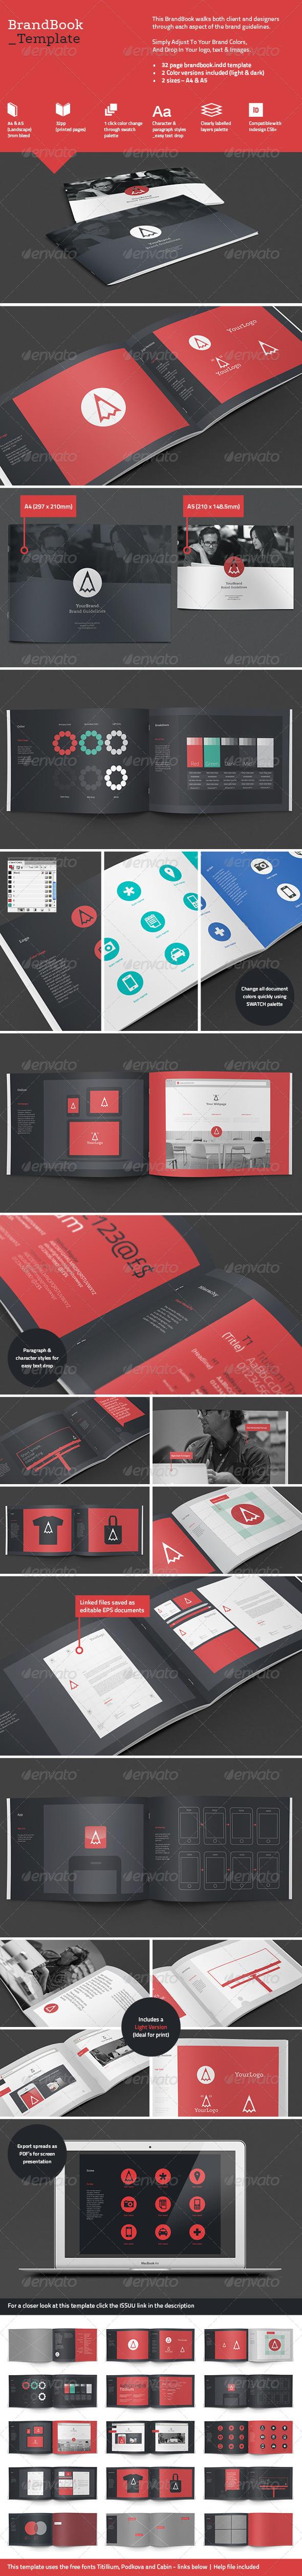 BrandBook - Informational Brochures